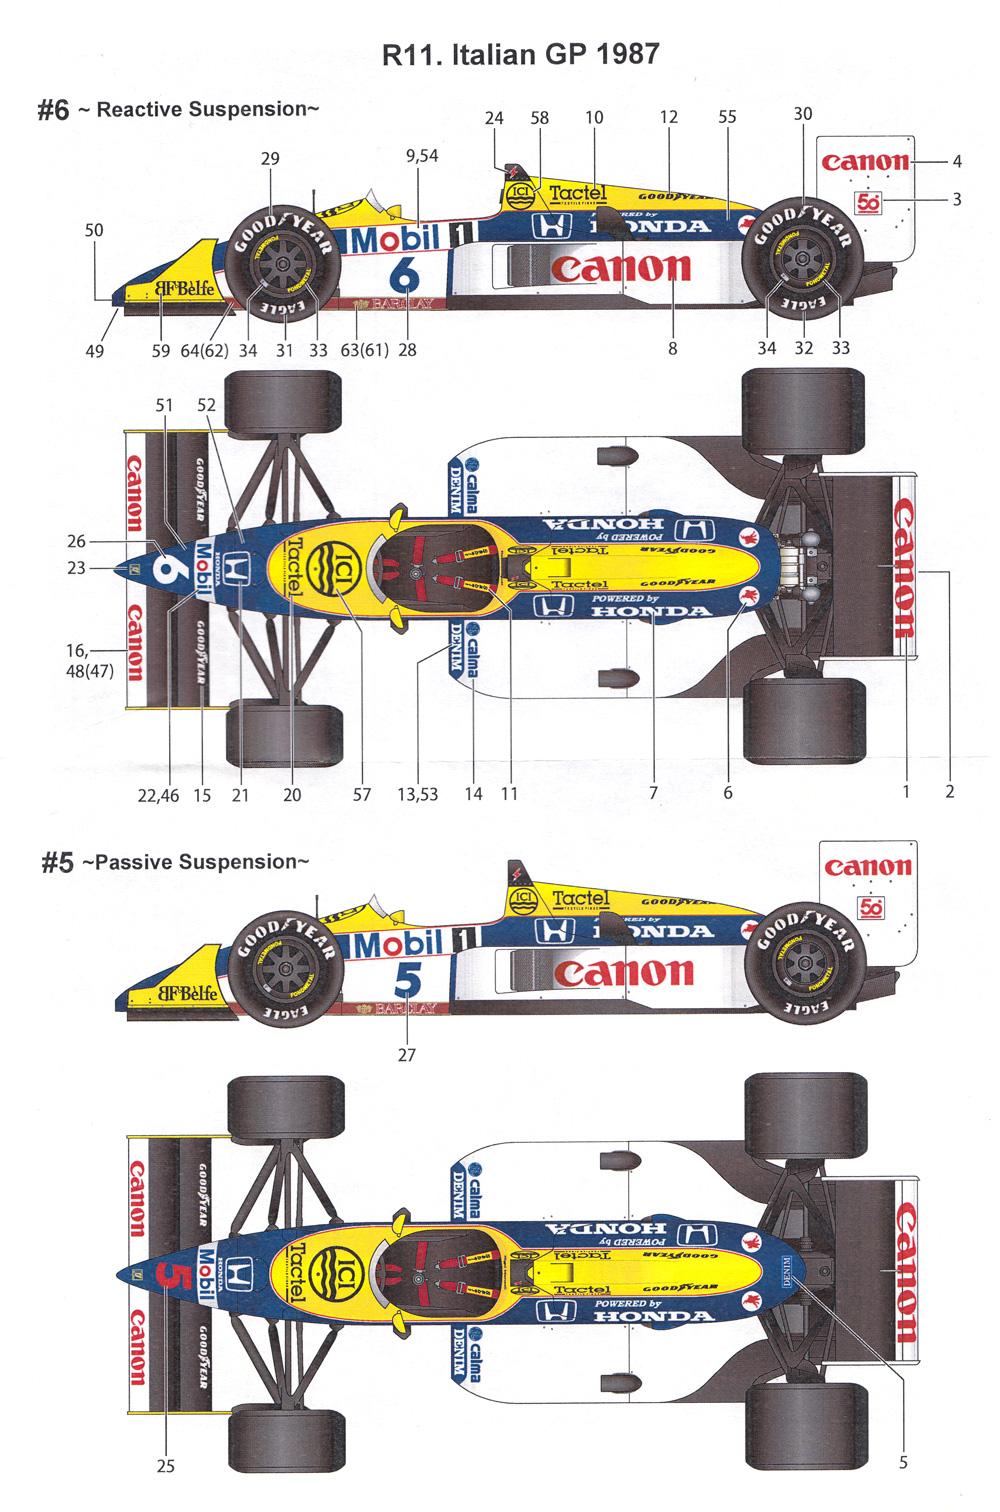 ウイリアムズ FW11B 1987 イタリアGP (トランスキット)レジン(スタジオ27F-1 トランスキットNo.TK2066R)商品画像_4